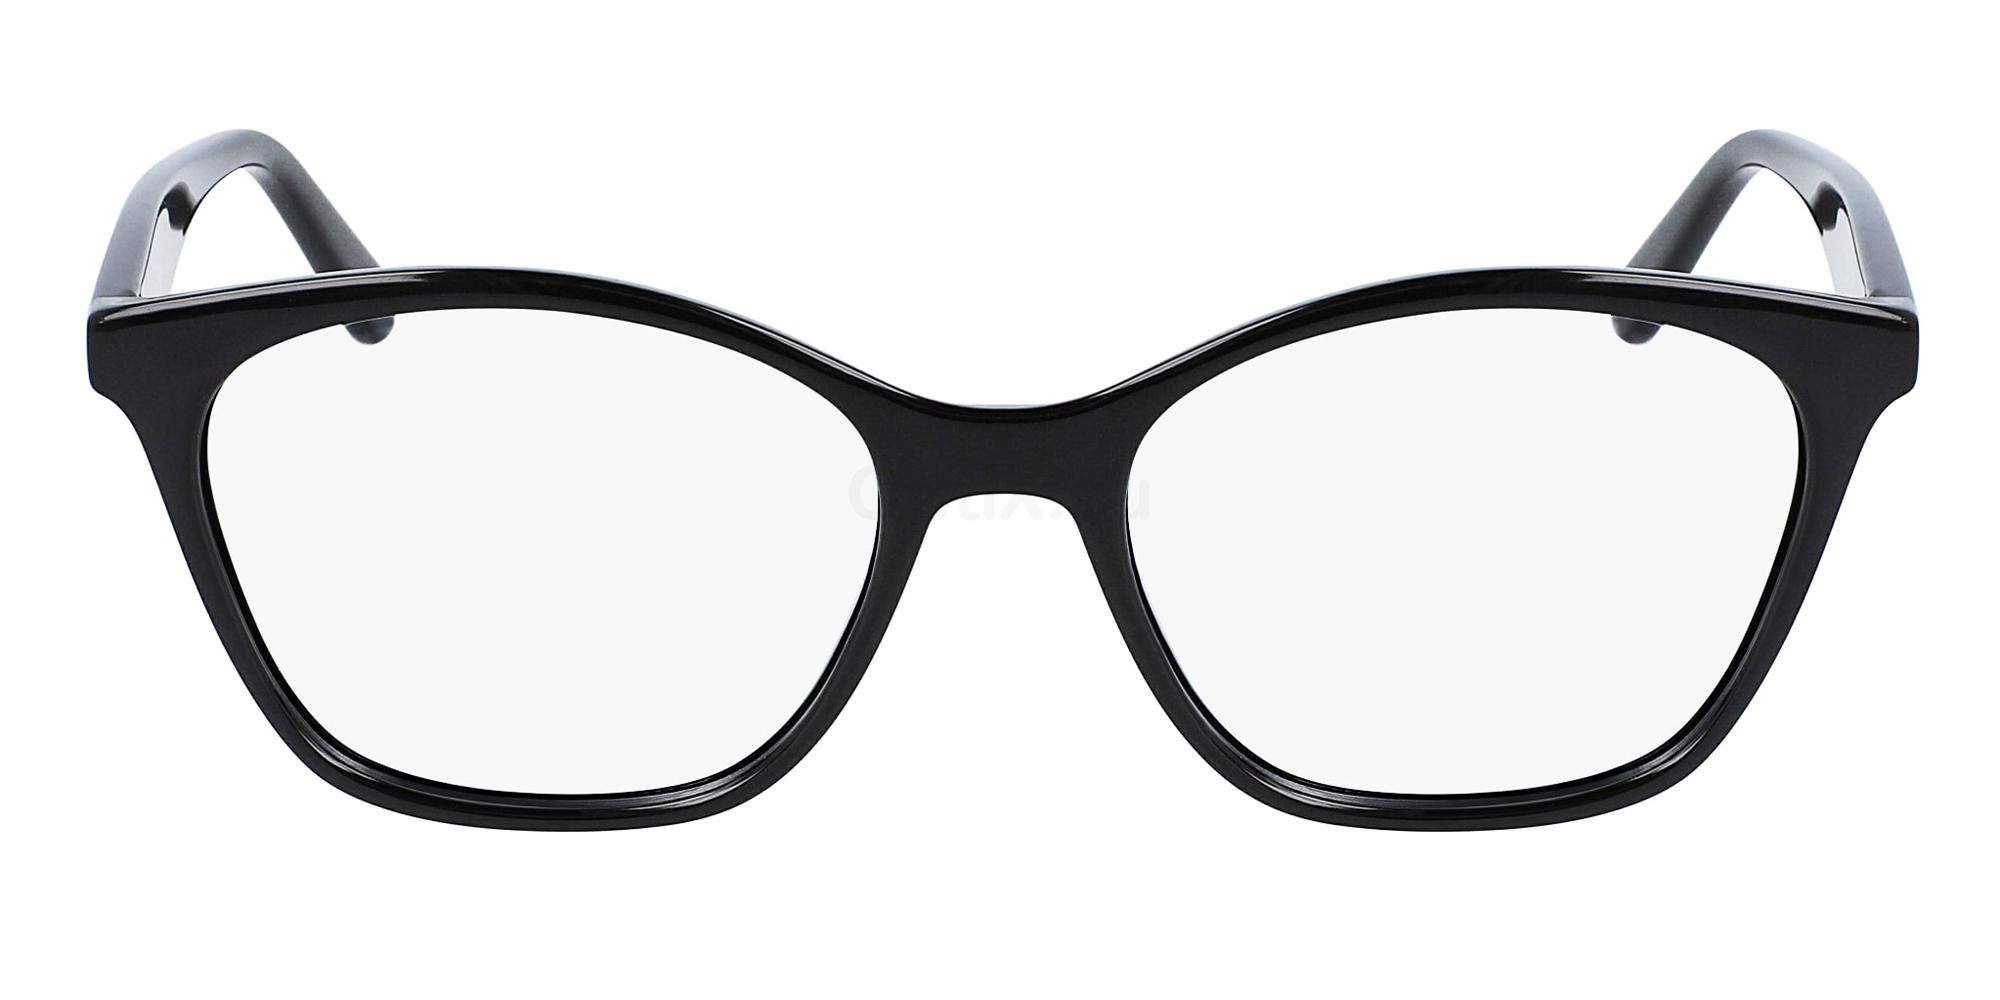 001 SF2873 Glasses, Salvatore Ferragamo